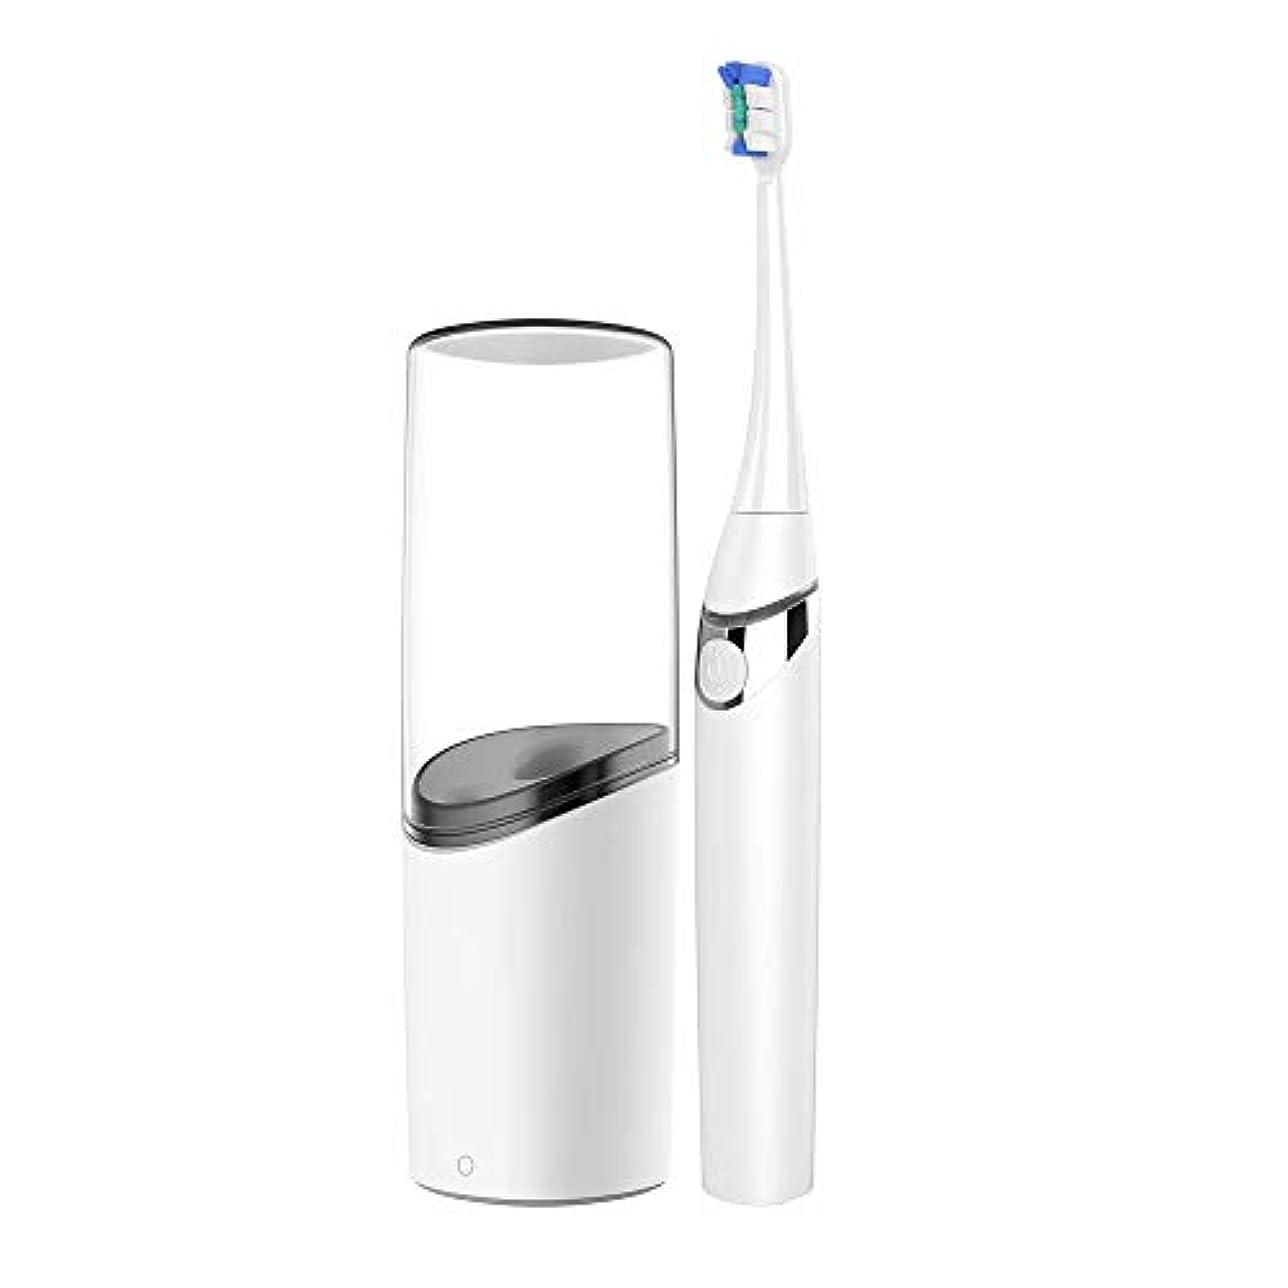 複合さらにまろやかな電動歯ブラシ Kinboku UW-01 音波歯ブラシ 紫外線殺菌 乾燥機能付き 軽量 外出セット IPX7級防水 低騒音 虫歯 口臭予防 超音波振動電動歯ブラシ (ホワイト)